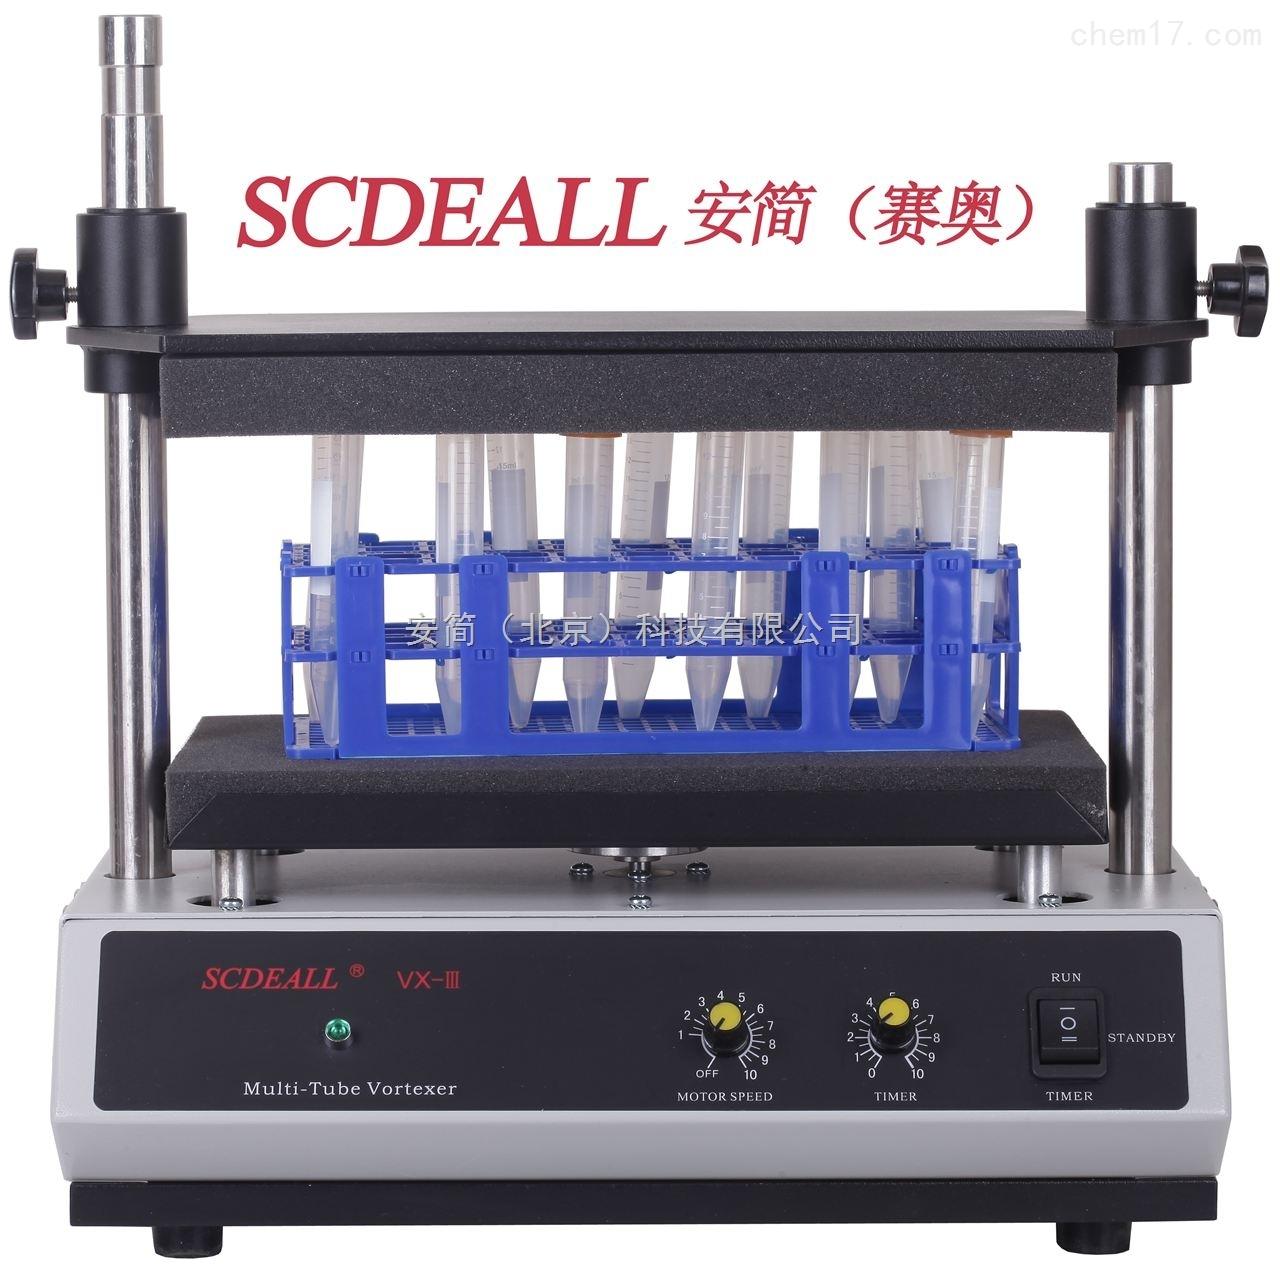 北京样品前处理设备多管涡旋振荡器 厂家价格